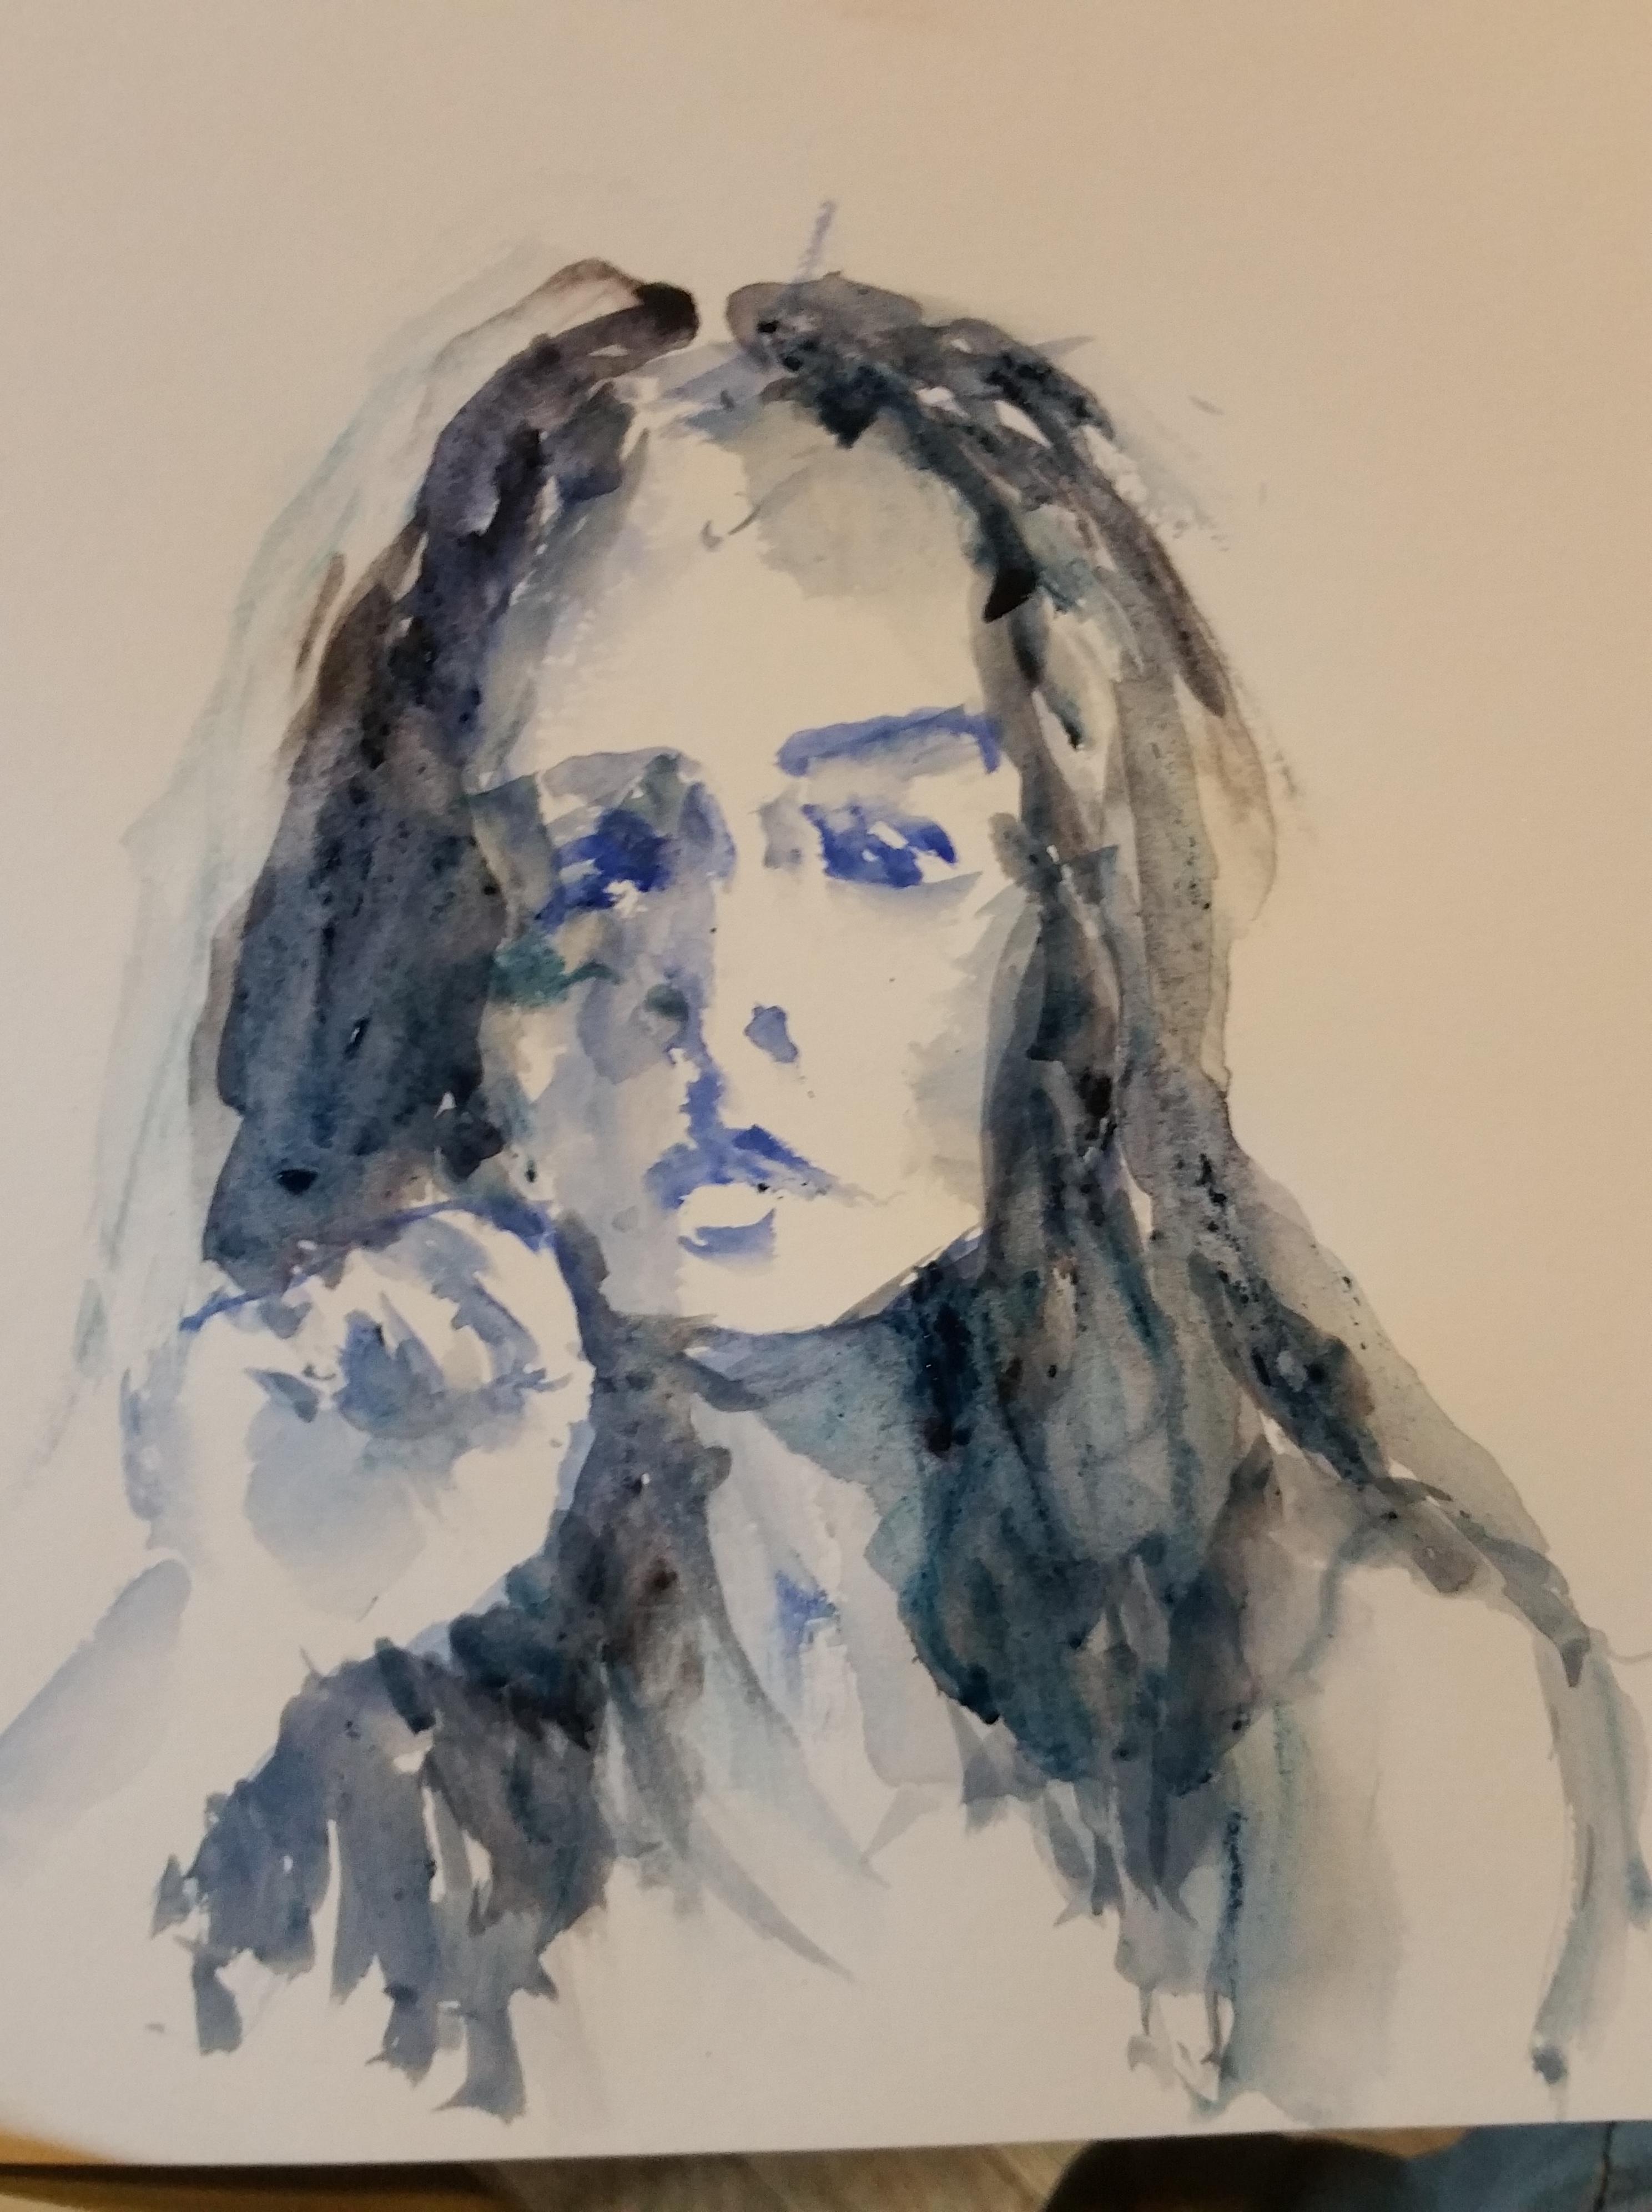 Portrait aquarelle bleu et gris  cours de dessin